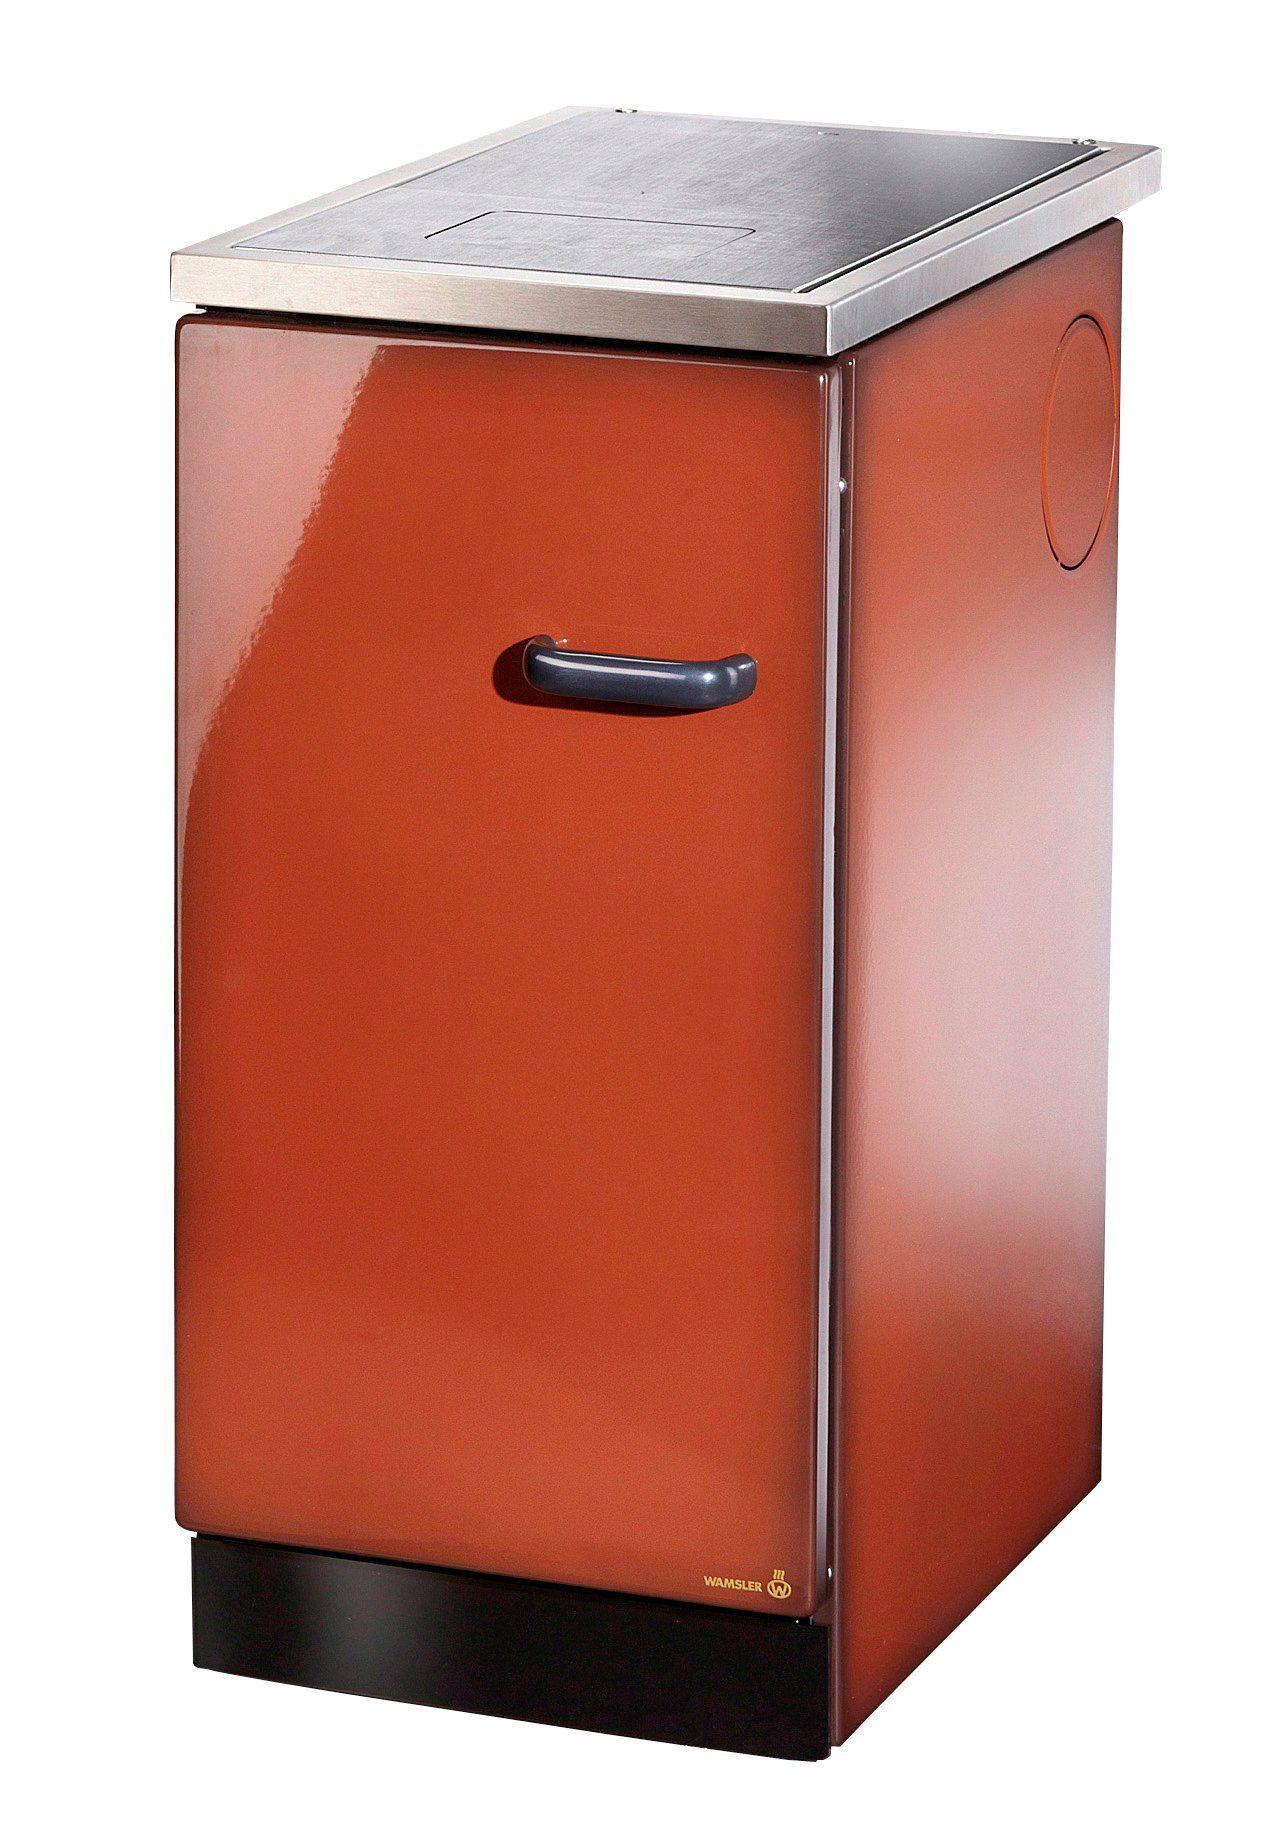 WESTMINSTER Festbrennstoffherd »K144«, Stahl maron, 5 kW, Dauerbrand, Herdplatte